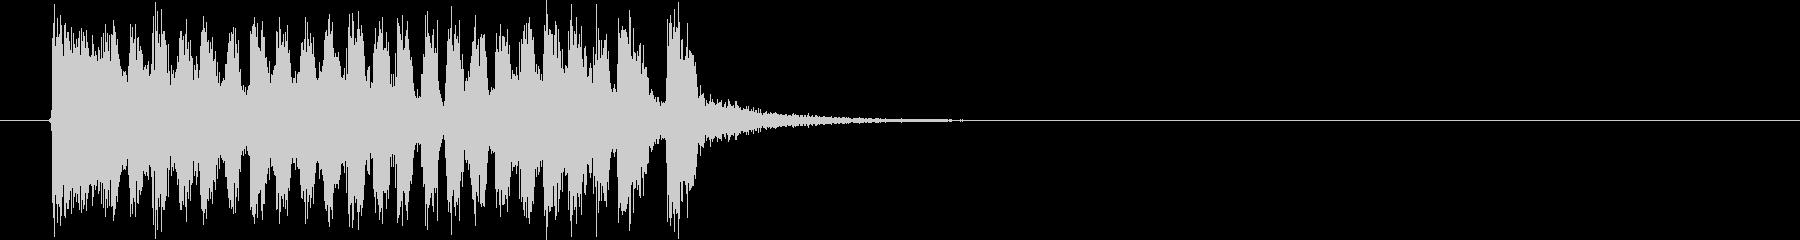 アップテンポな入場行進曲の未再生の波形